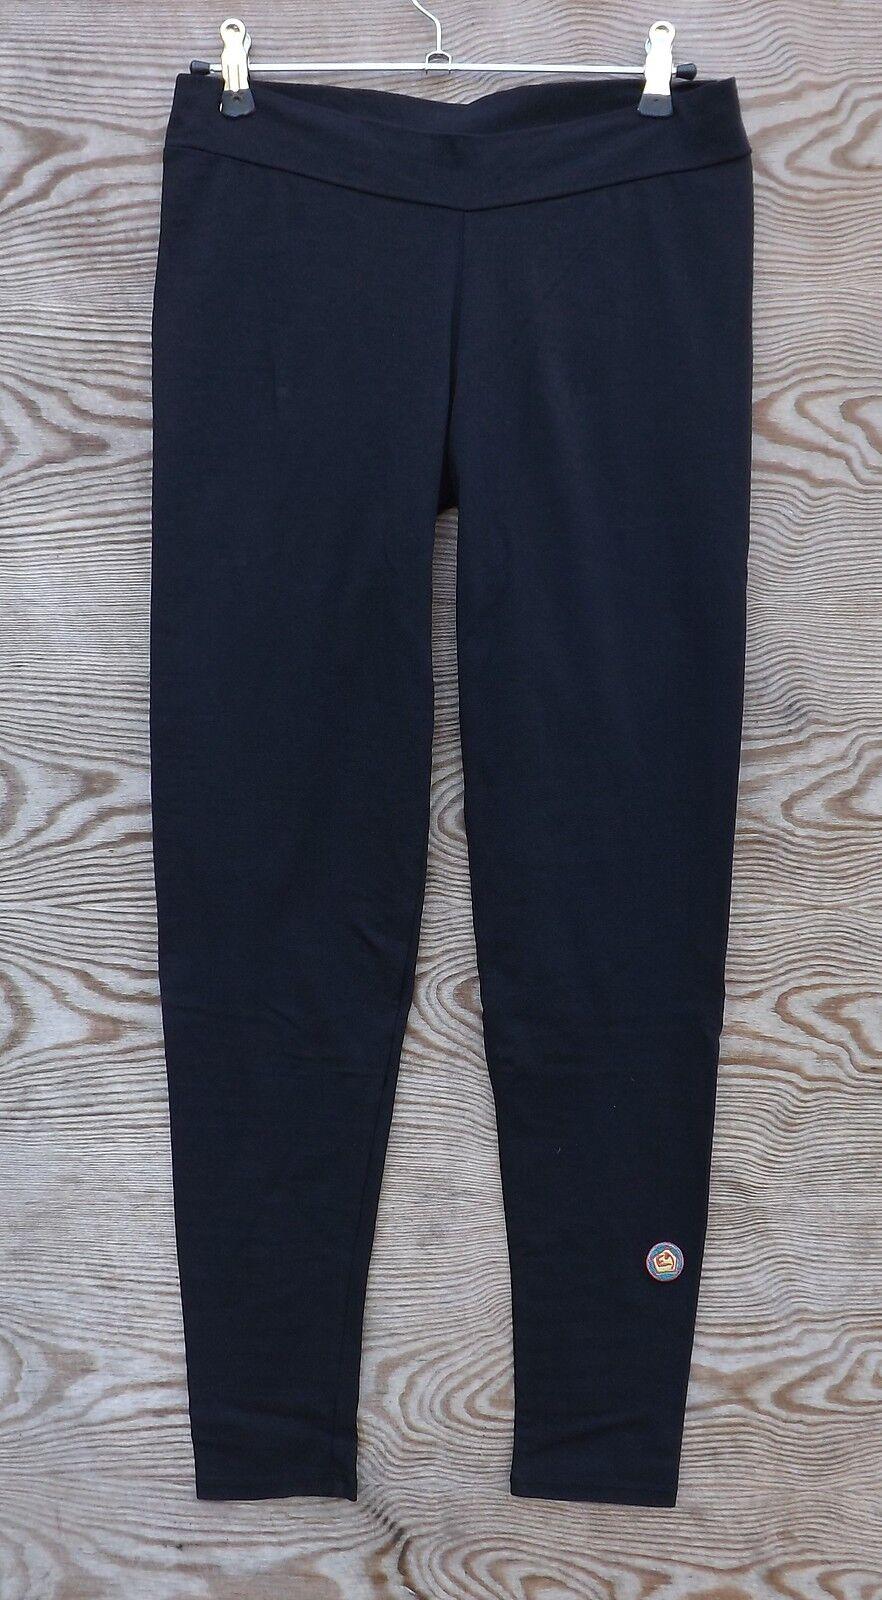 E9 Cucu Mujer Pantalones, Negro, Elástico Pantalones Mujer, Leggings